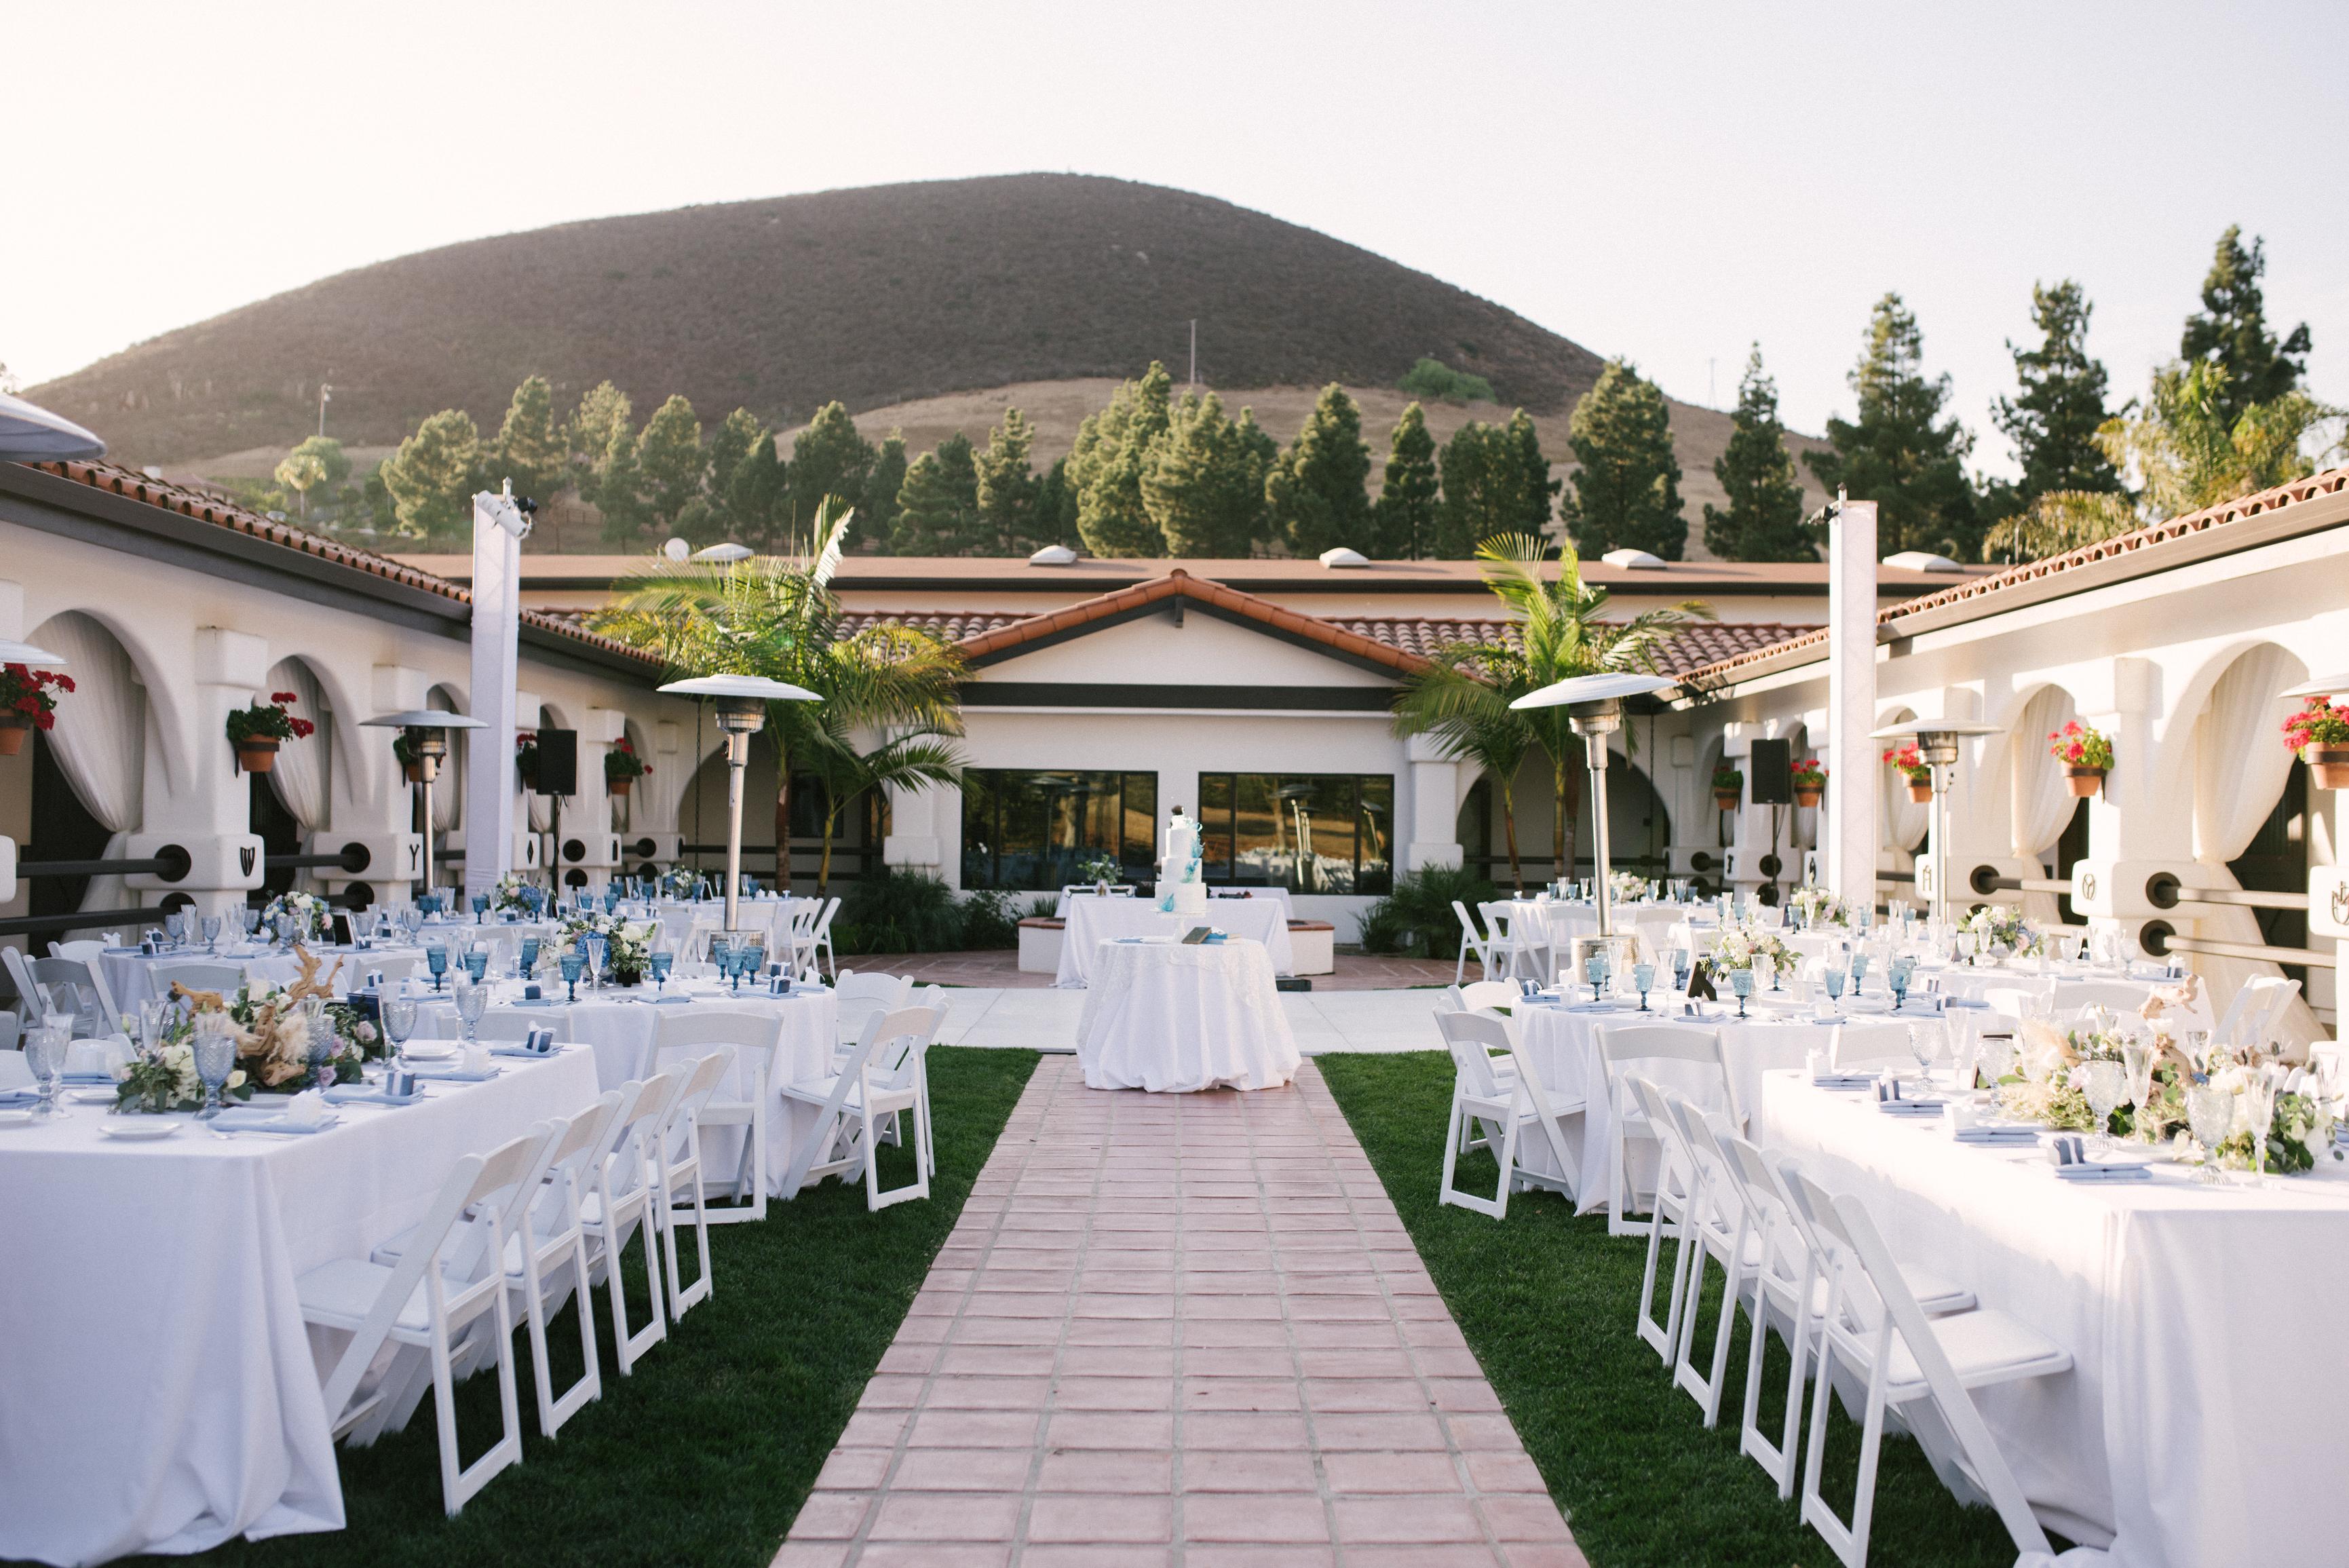 La Lomita Ranch Wedding - Le Festin